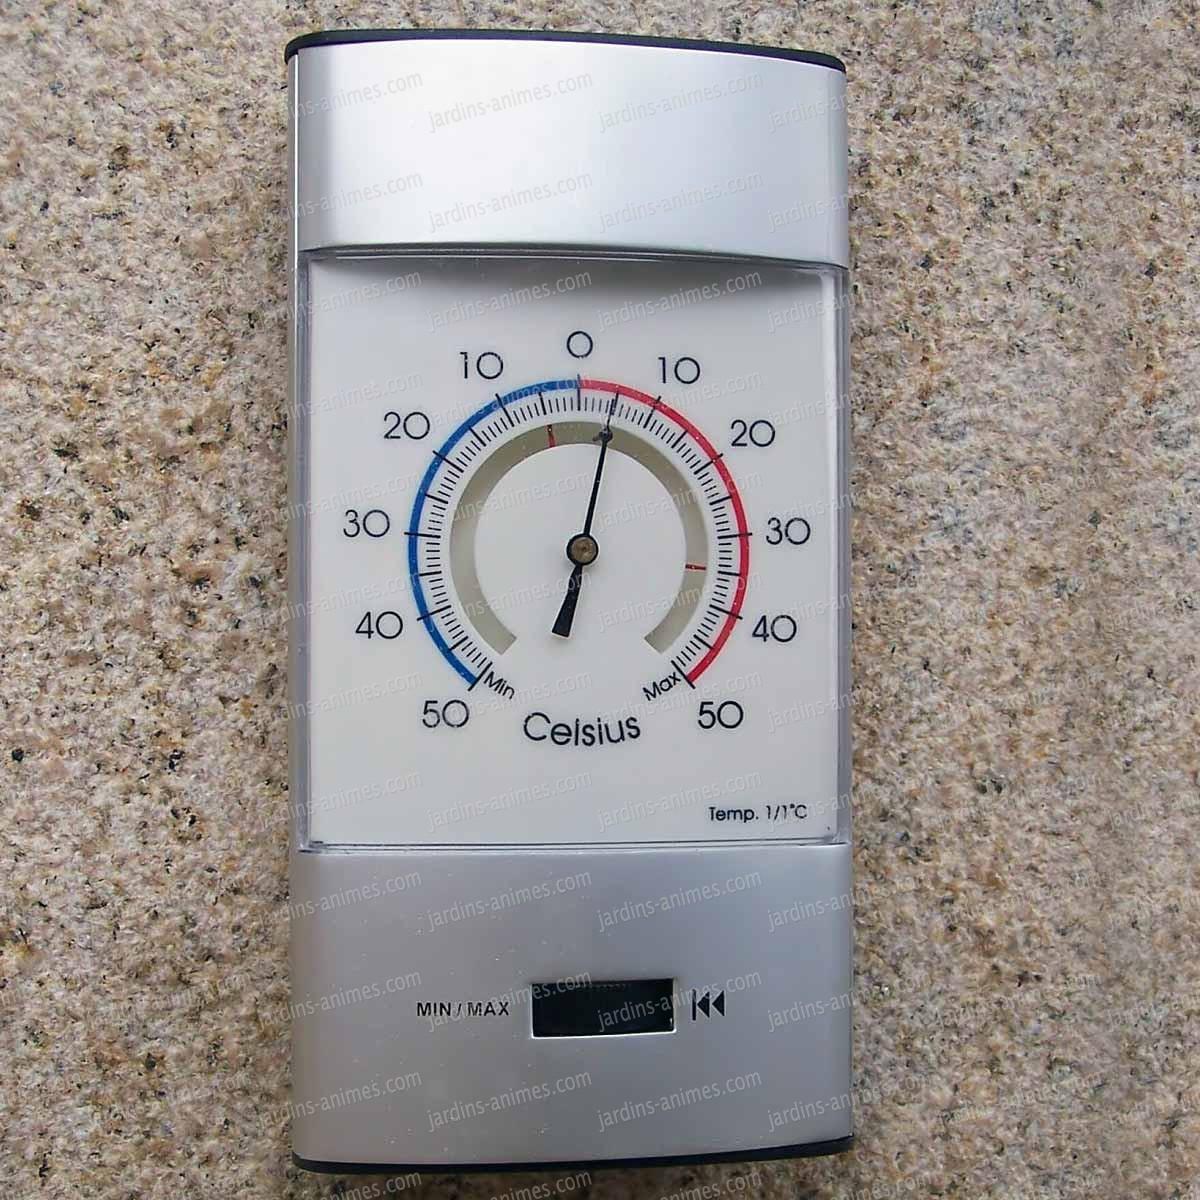 thermomètre d'exterieur mini maxi - instruments de mesure, météo, ph